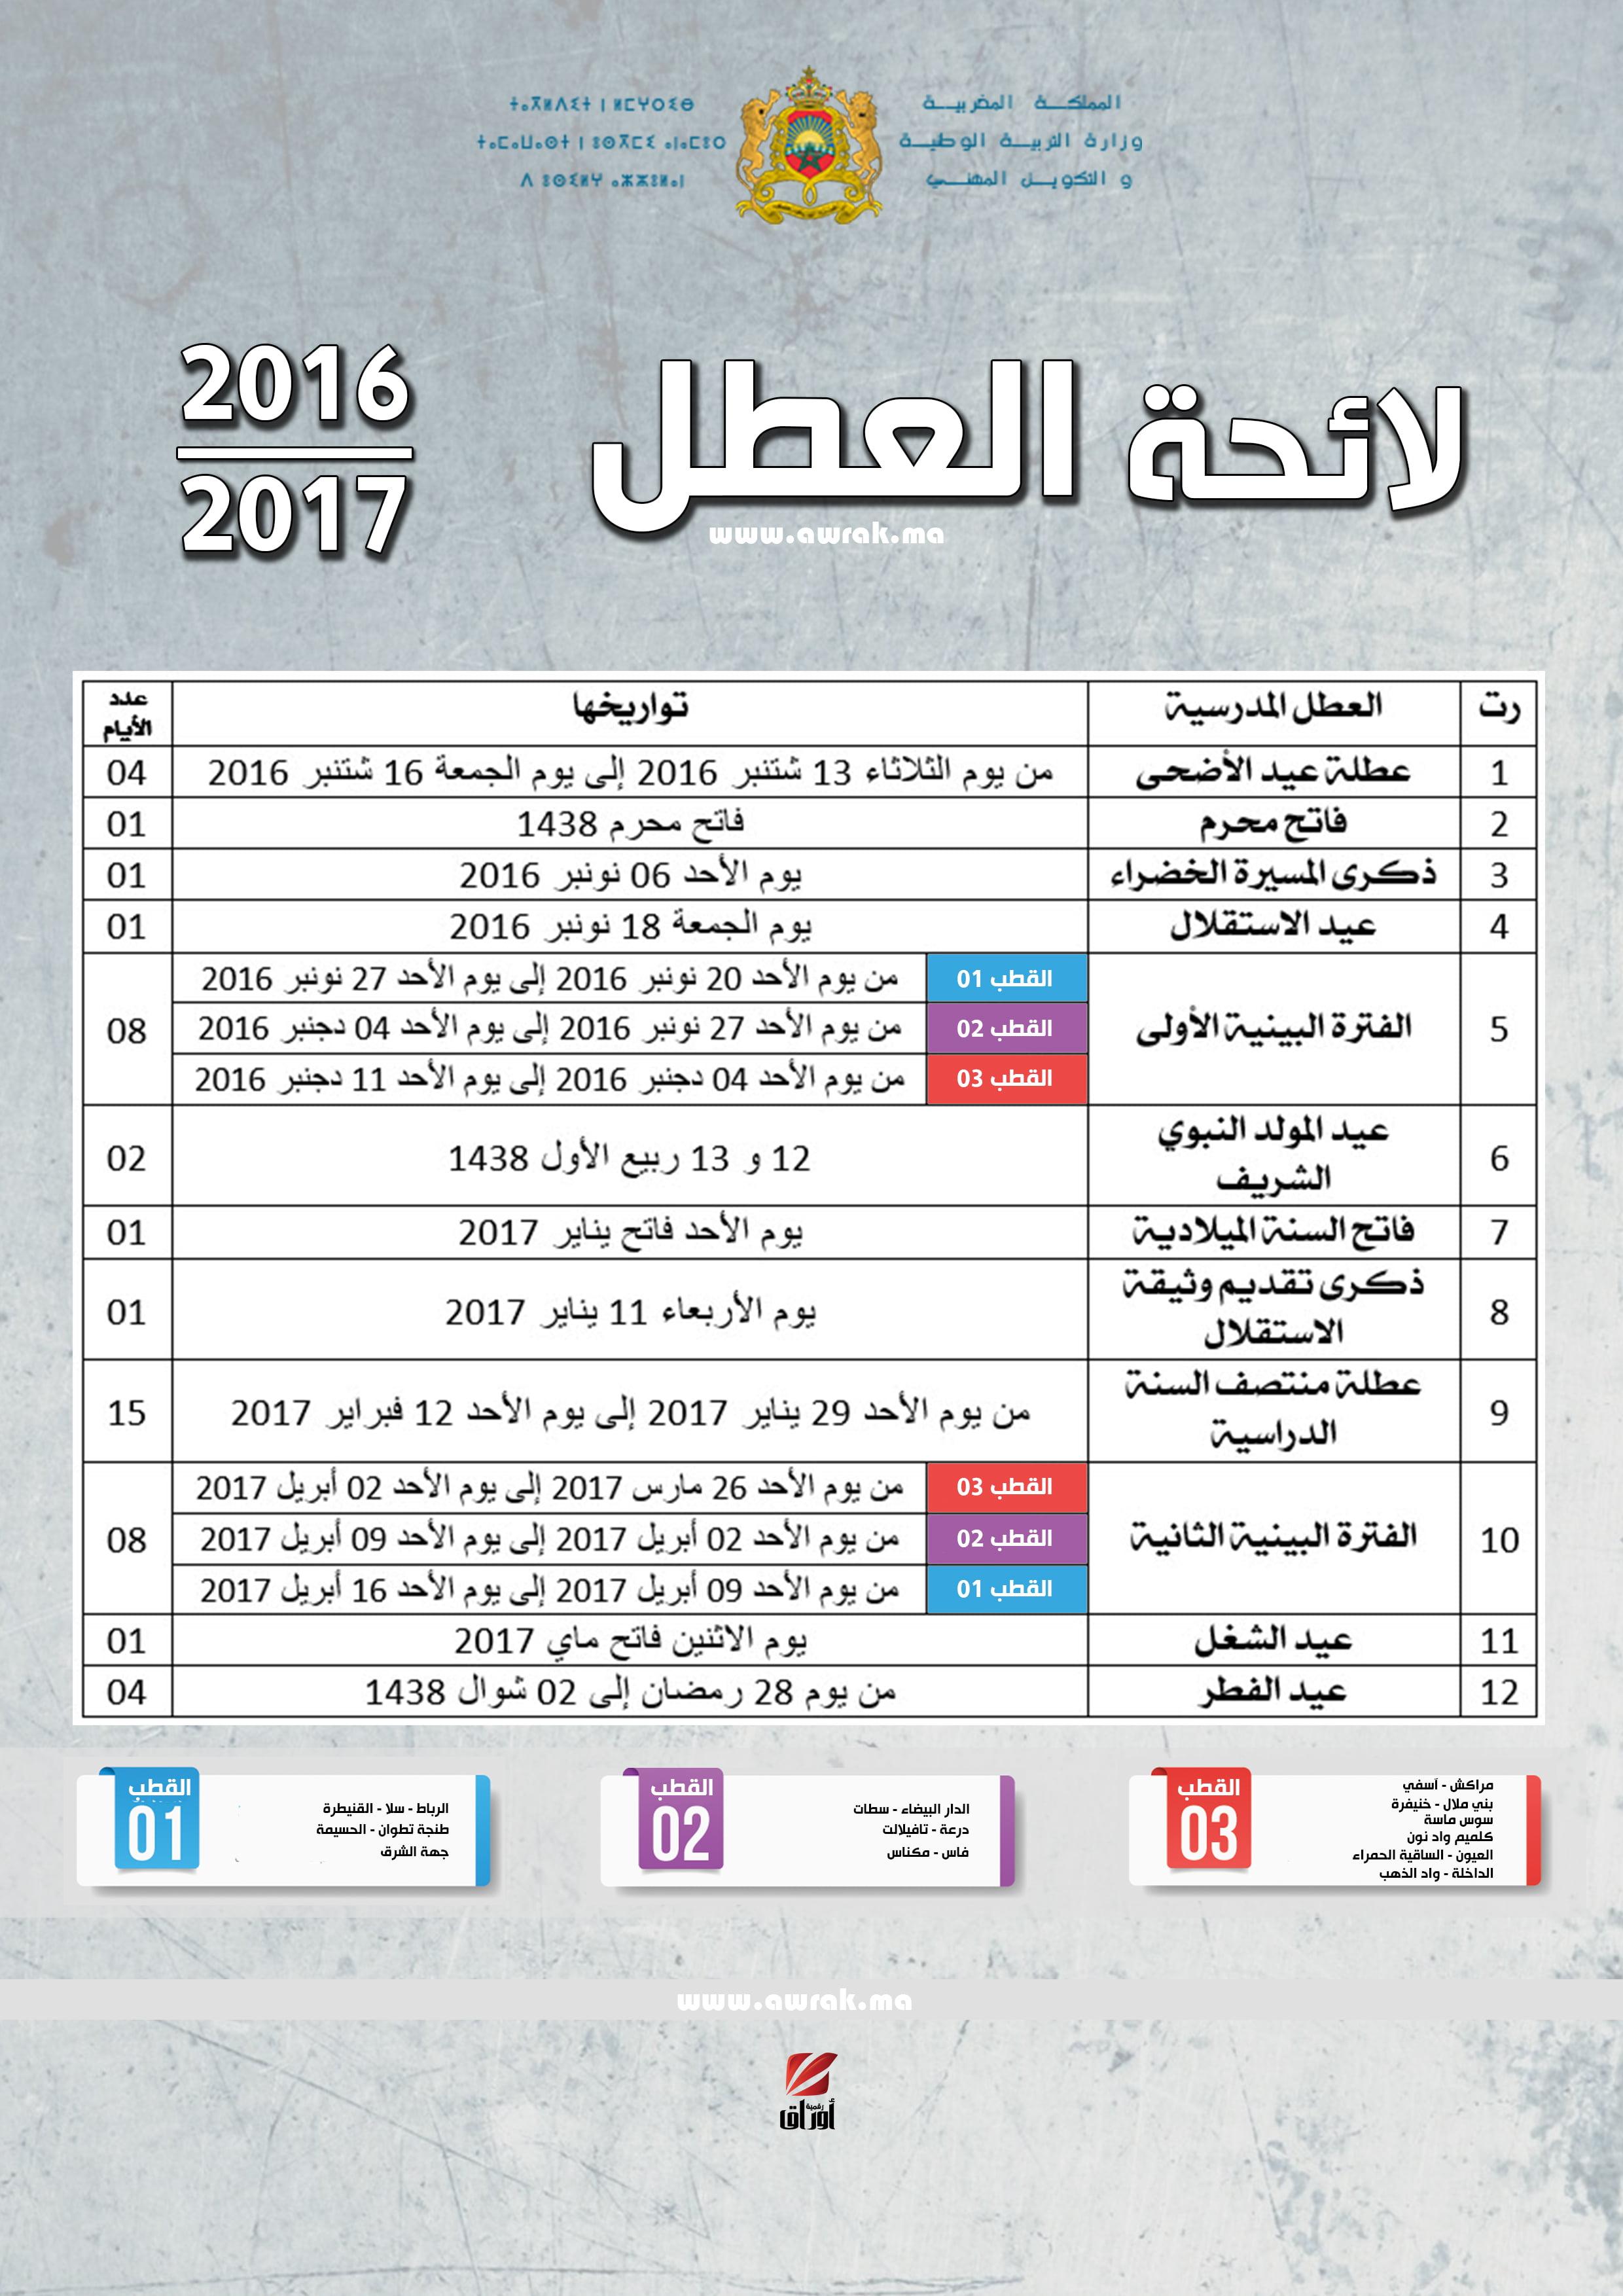 لائحة العطل المدرسية 2017-2016 بالمغرب